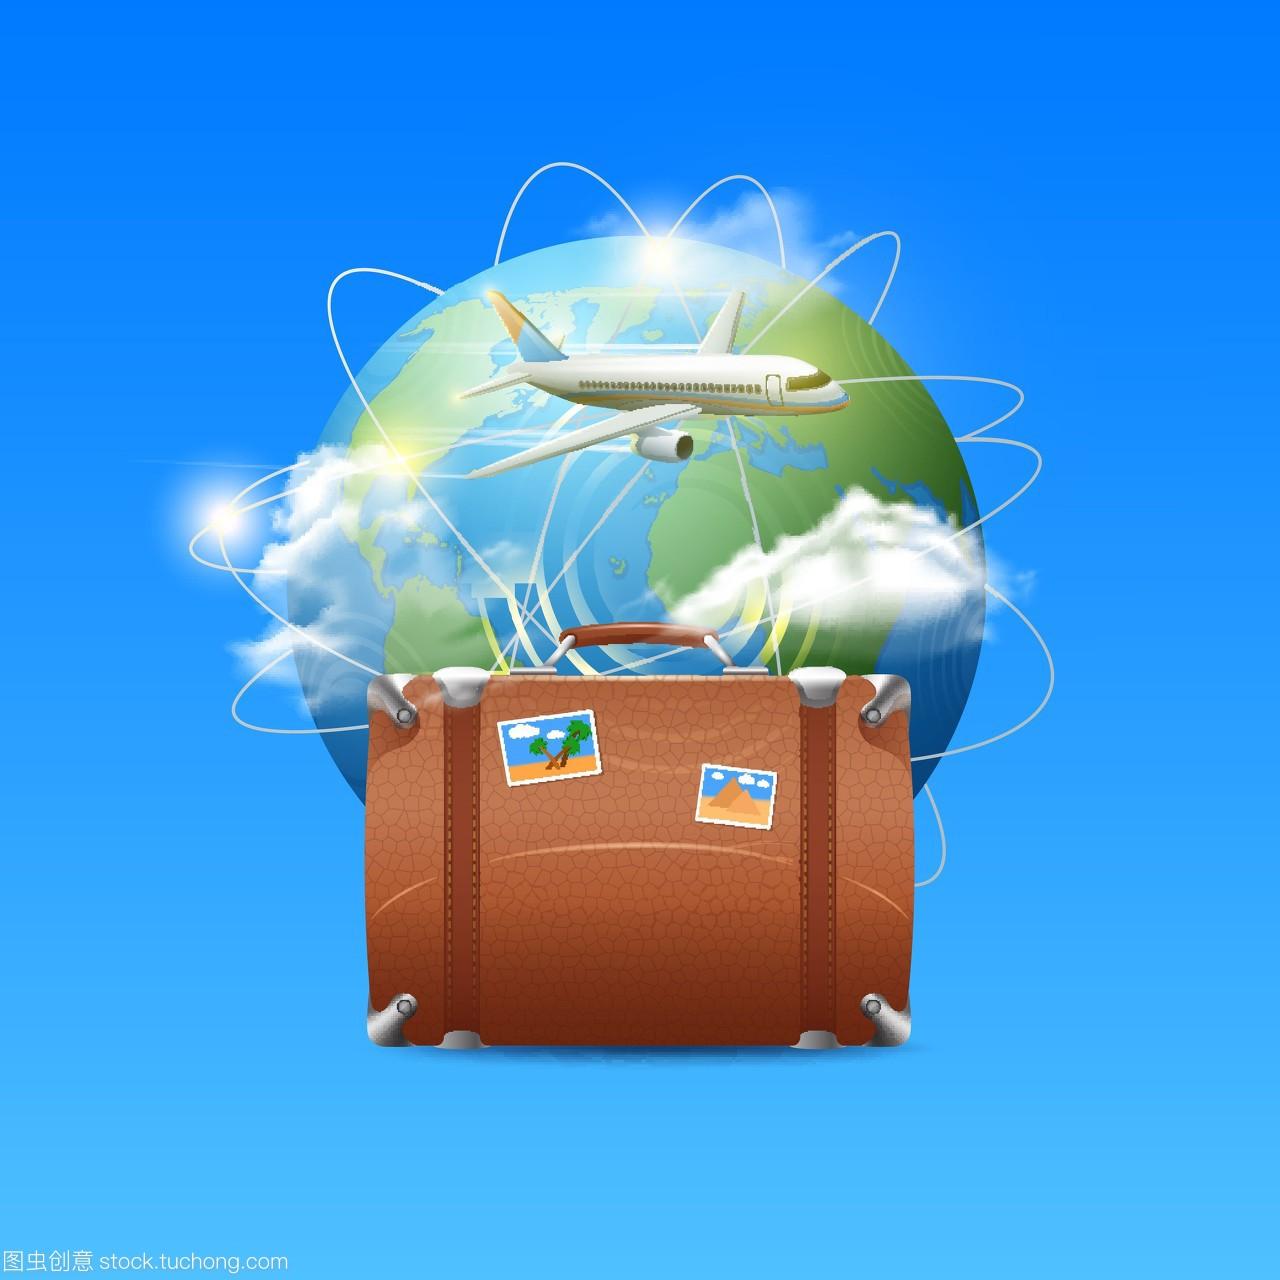 球仪,短发,商务,飞机,邮票,手提箱,世界,出入境,全行李烫发v短发小卷图片图片